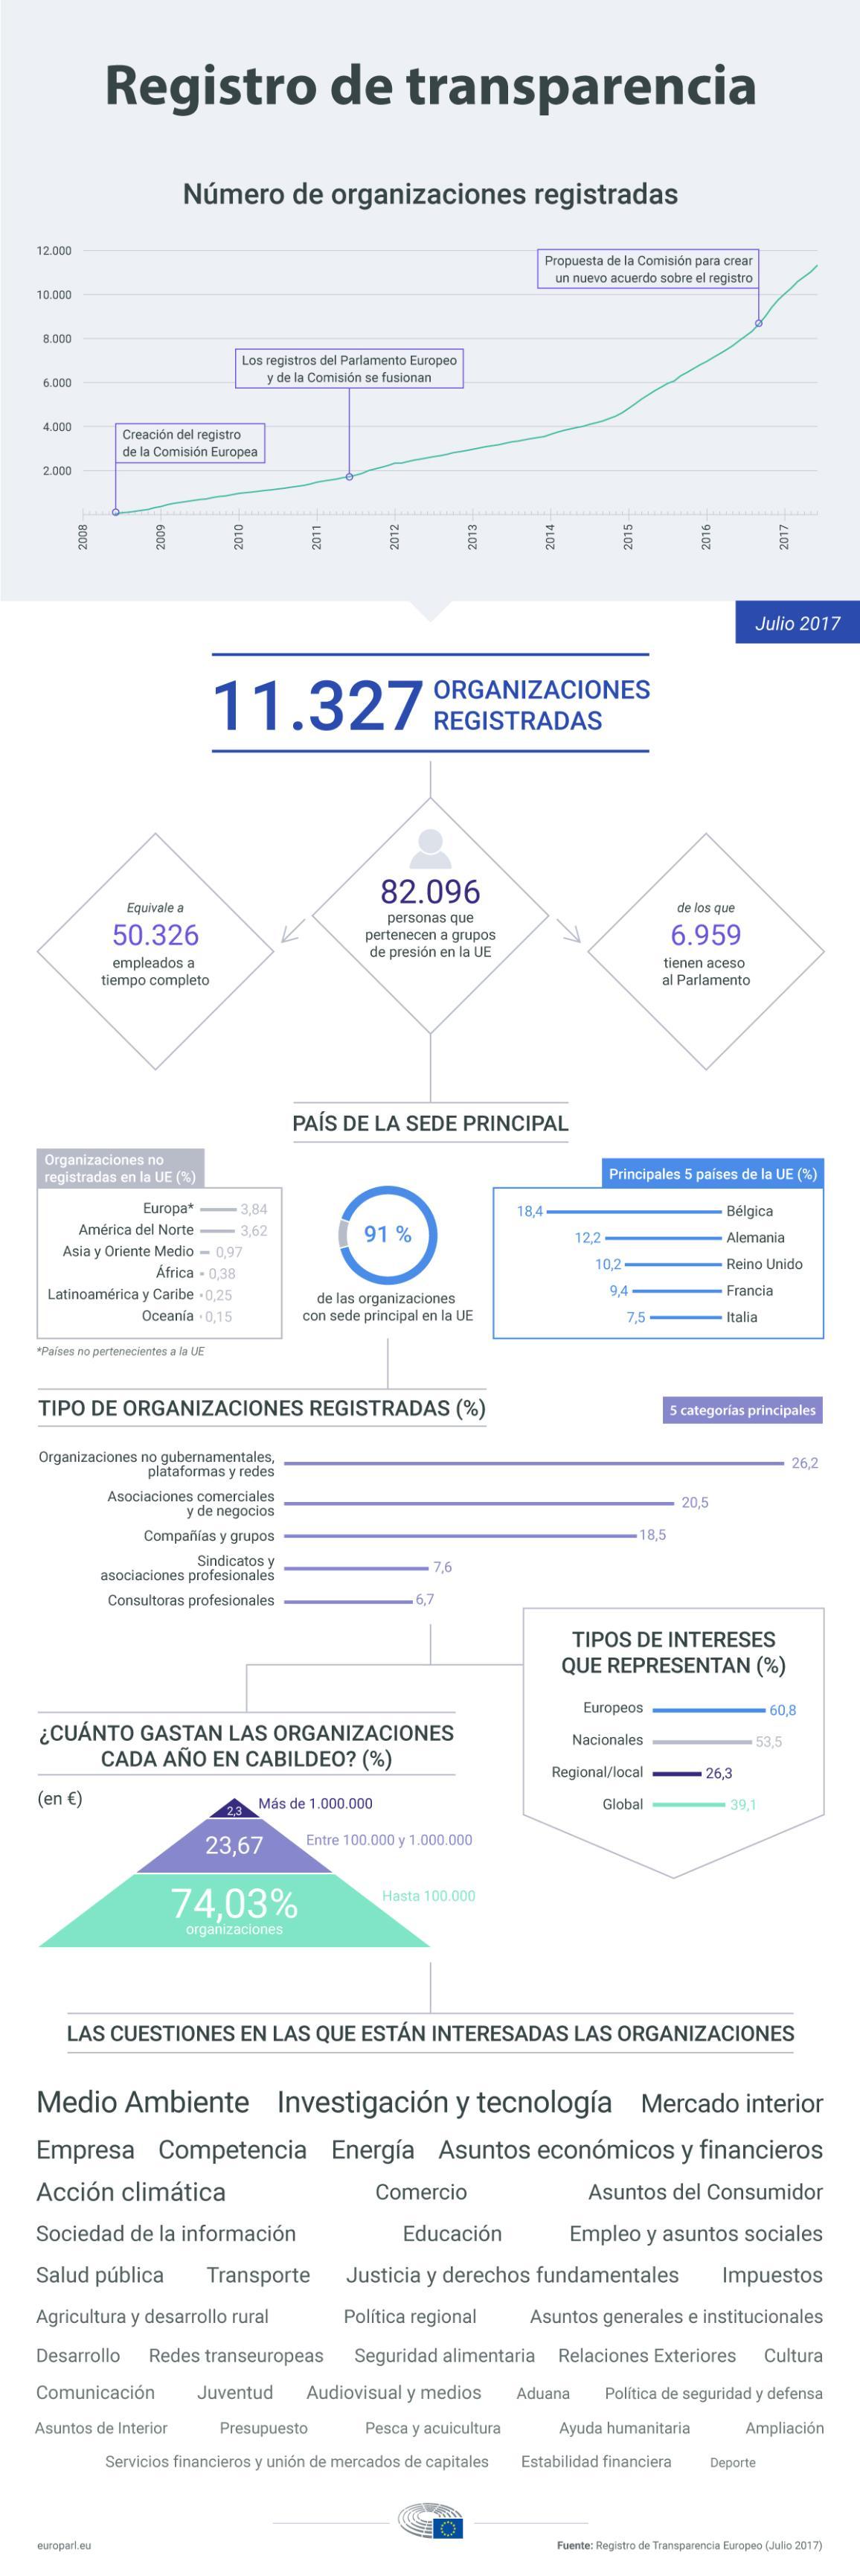 Infografía sobre el registro de transparencia